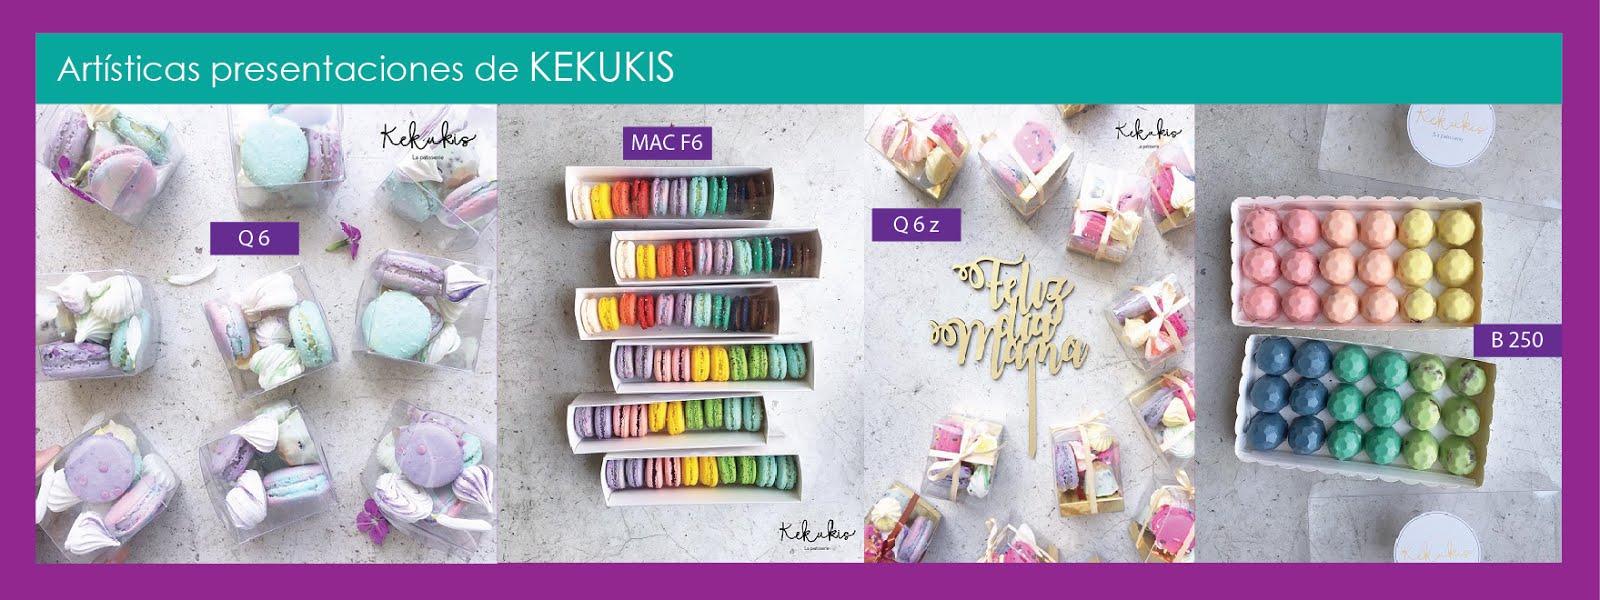 KEKUKIS